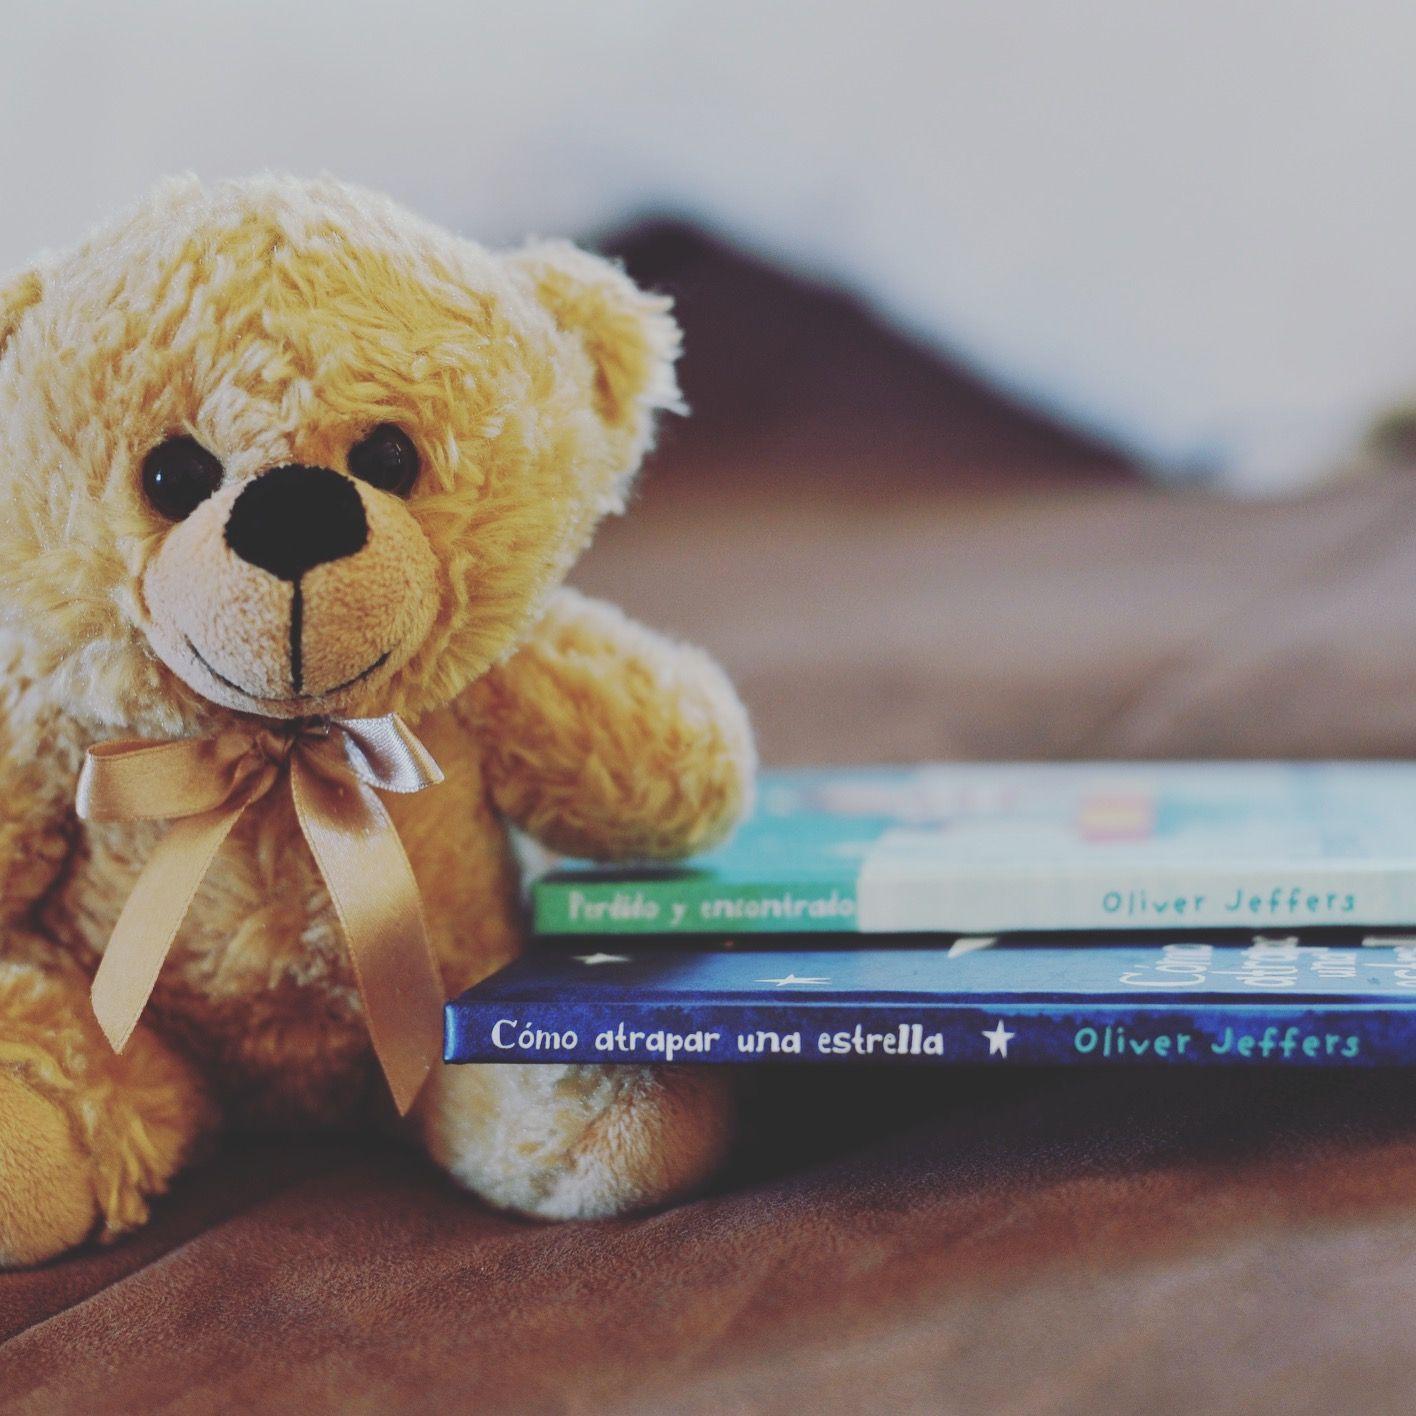 libros para niños, cuentos infantiles, reading, Spanish children's books